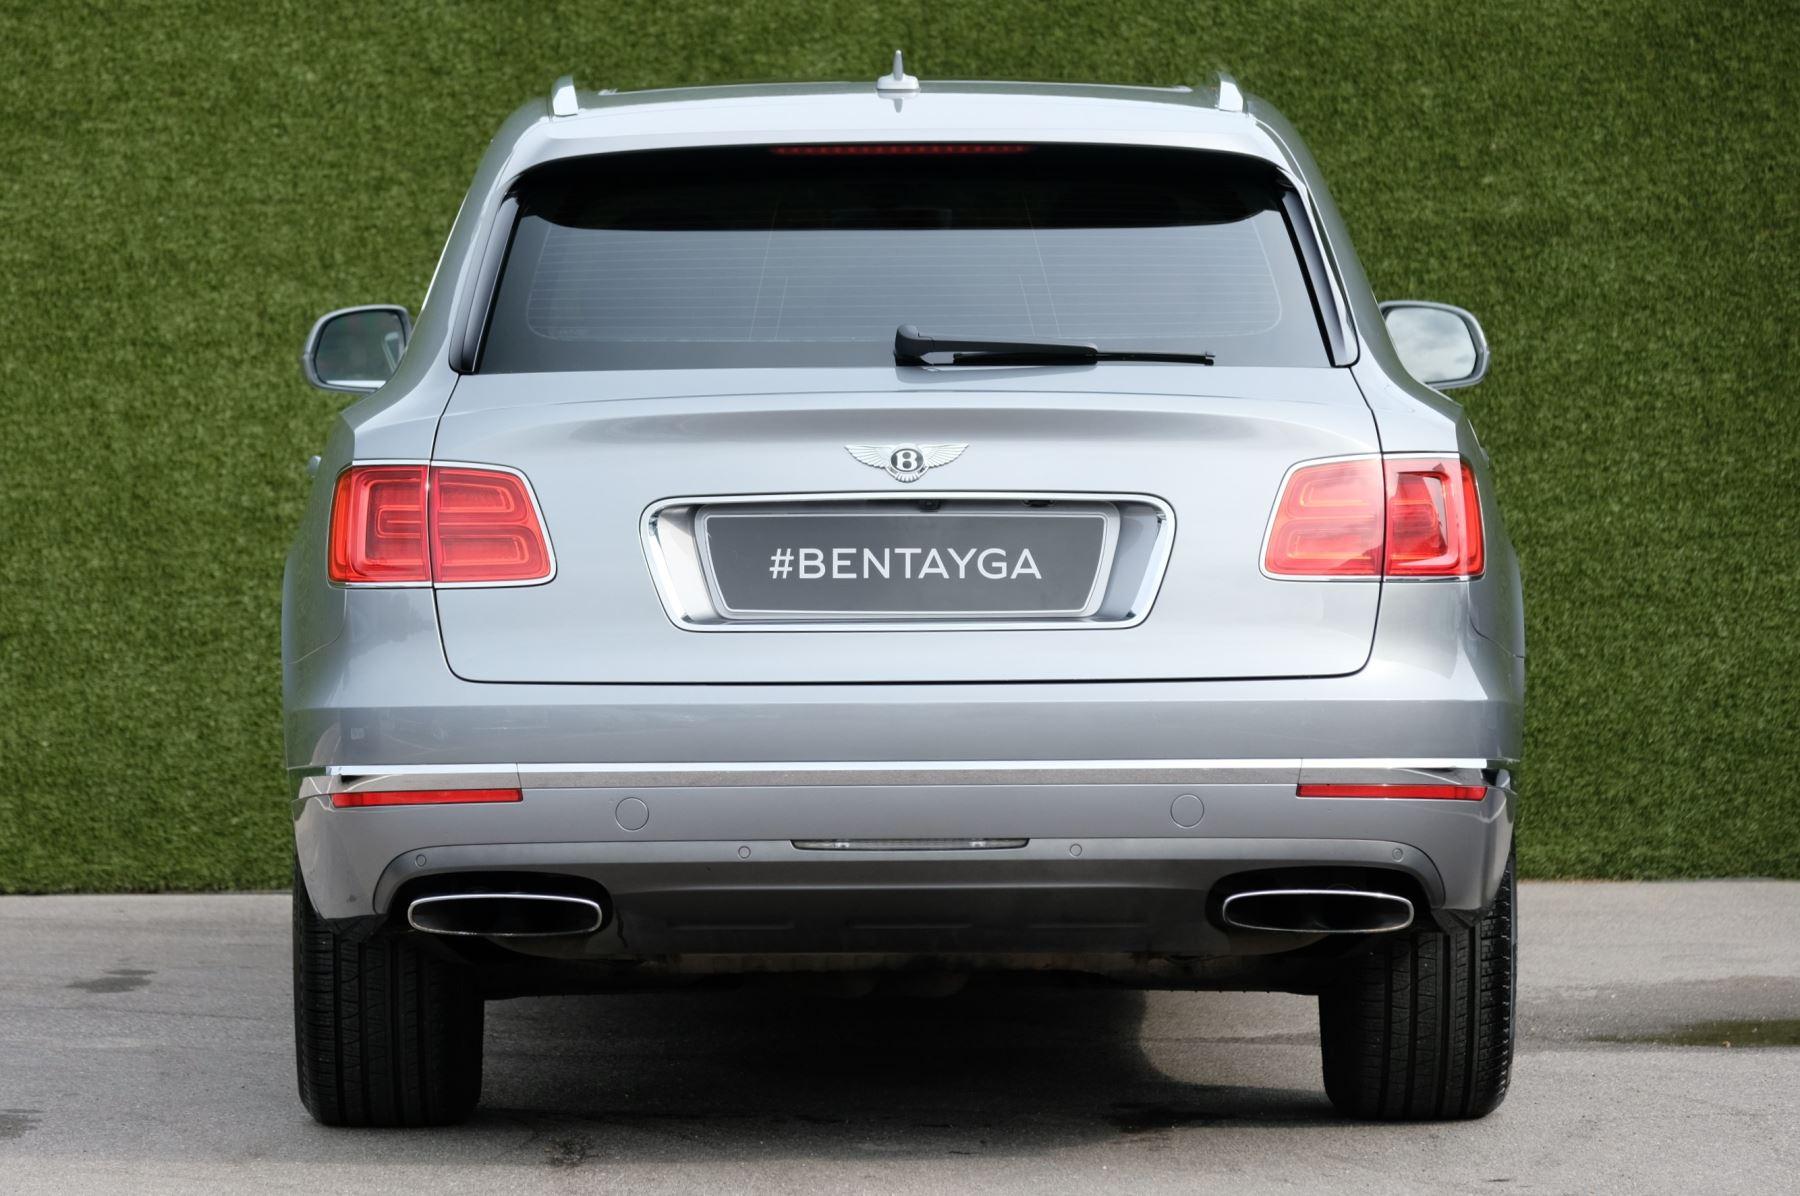 Bentley Bentayga 6.0 W12 5dr image 4